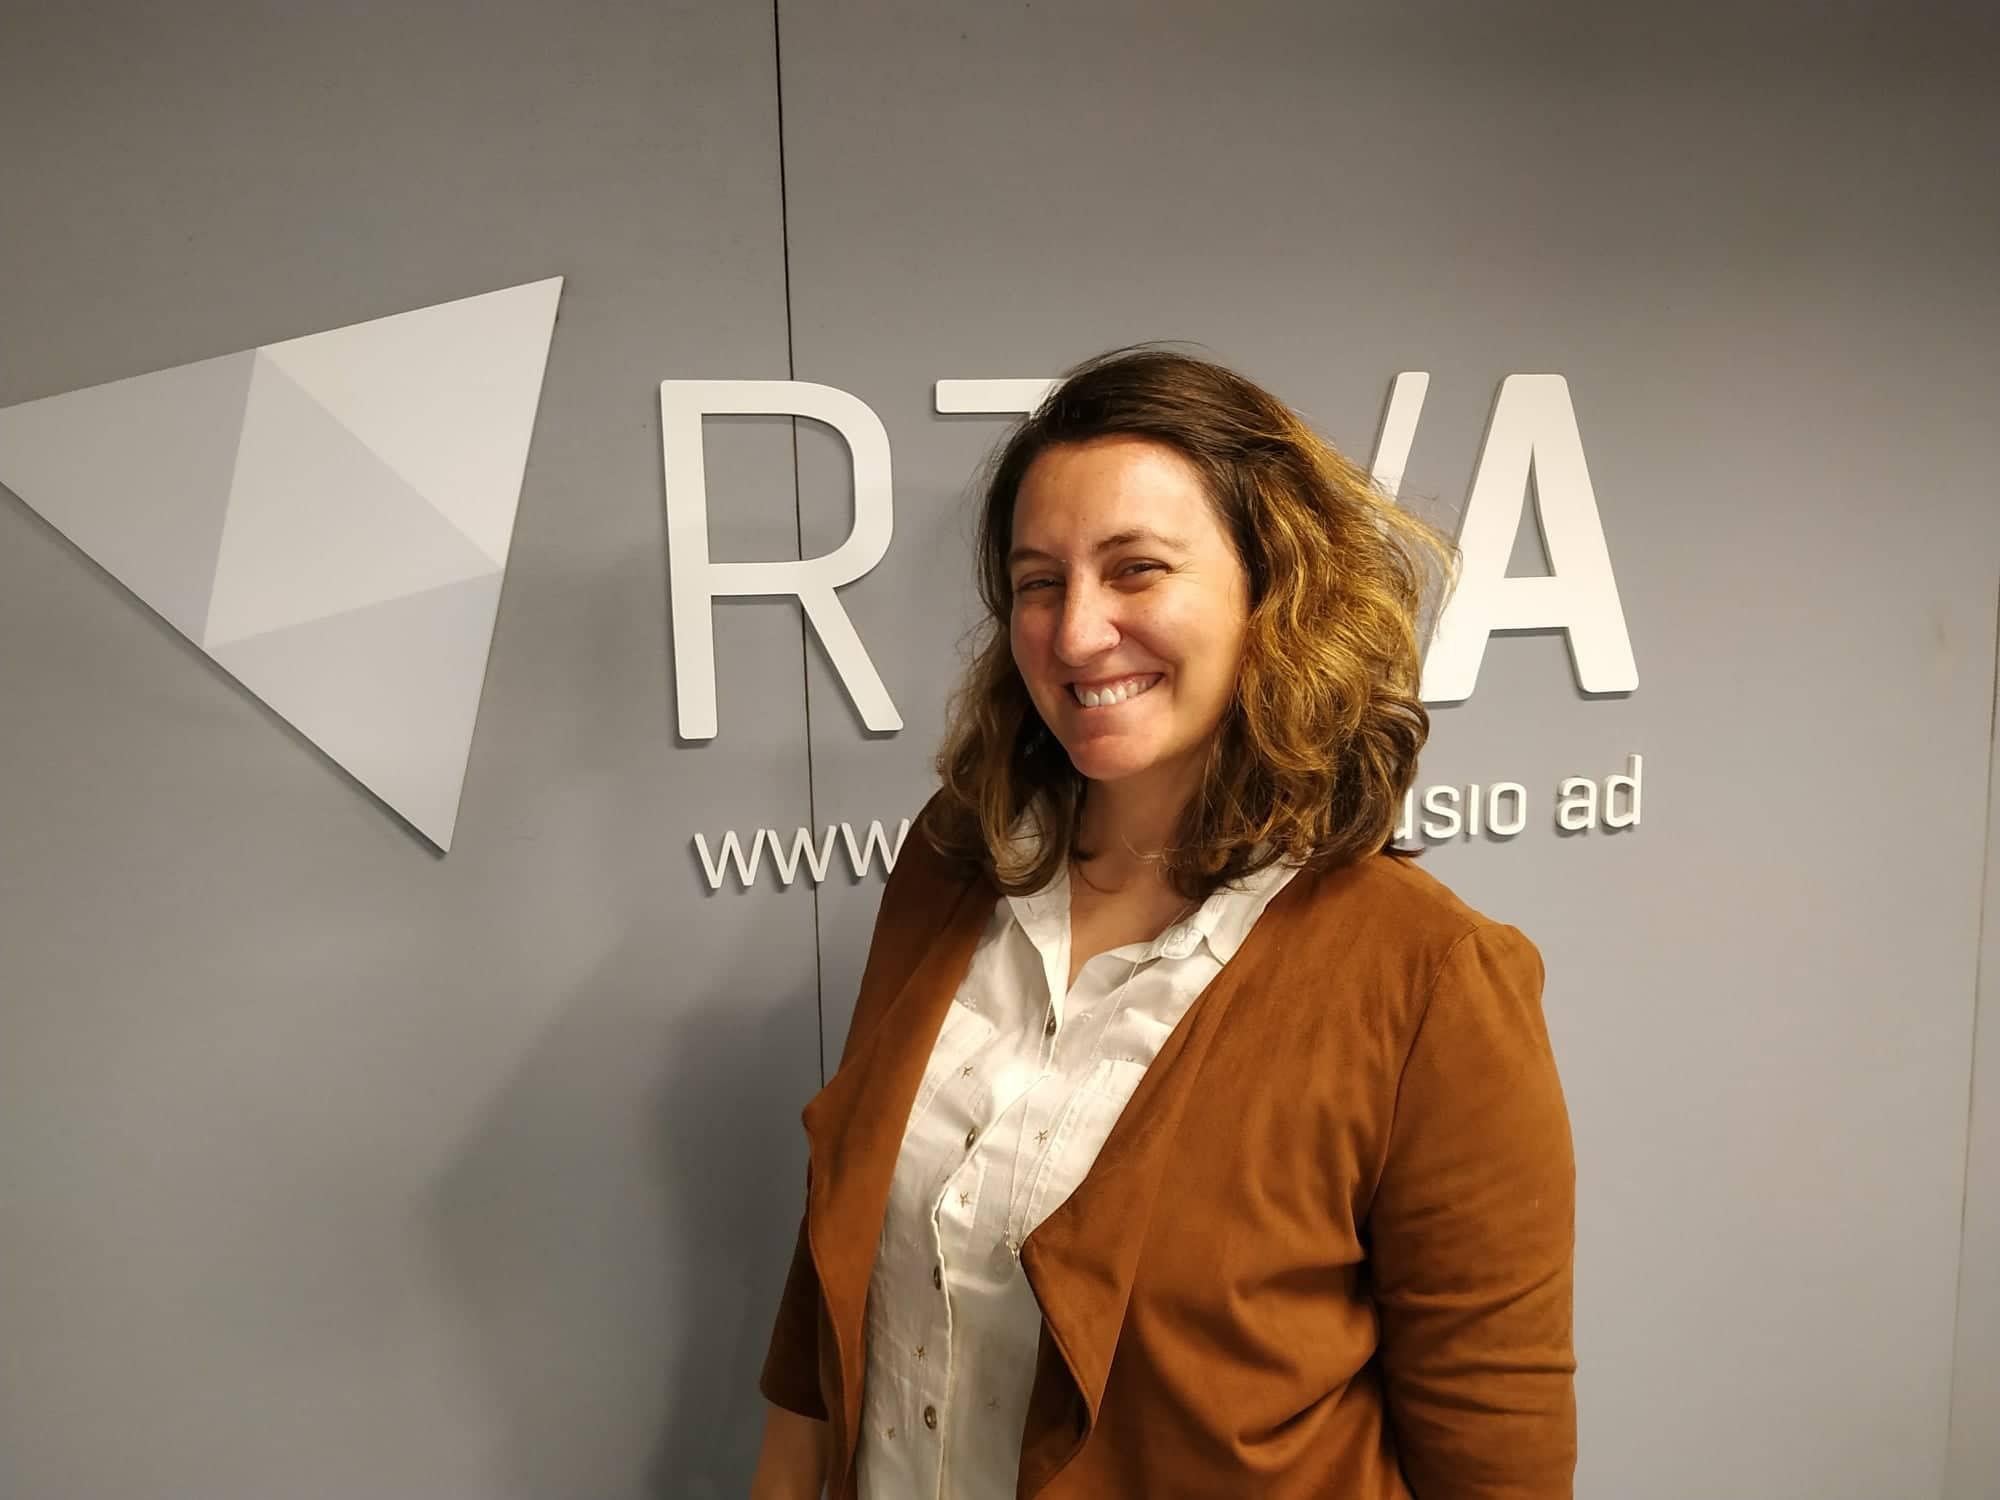 Comunicació i màrqueting digital amb Diana Pérez